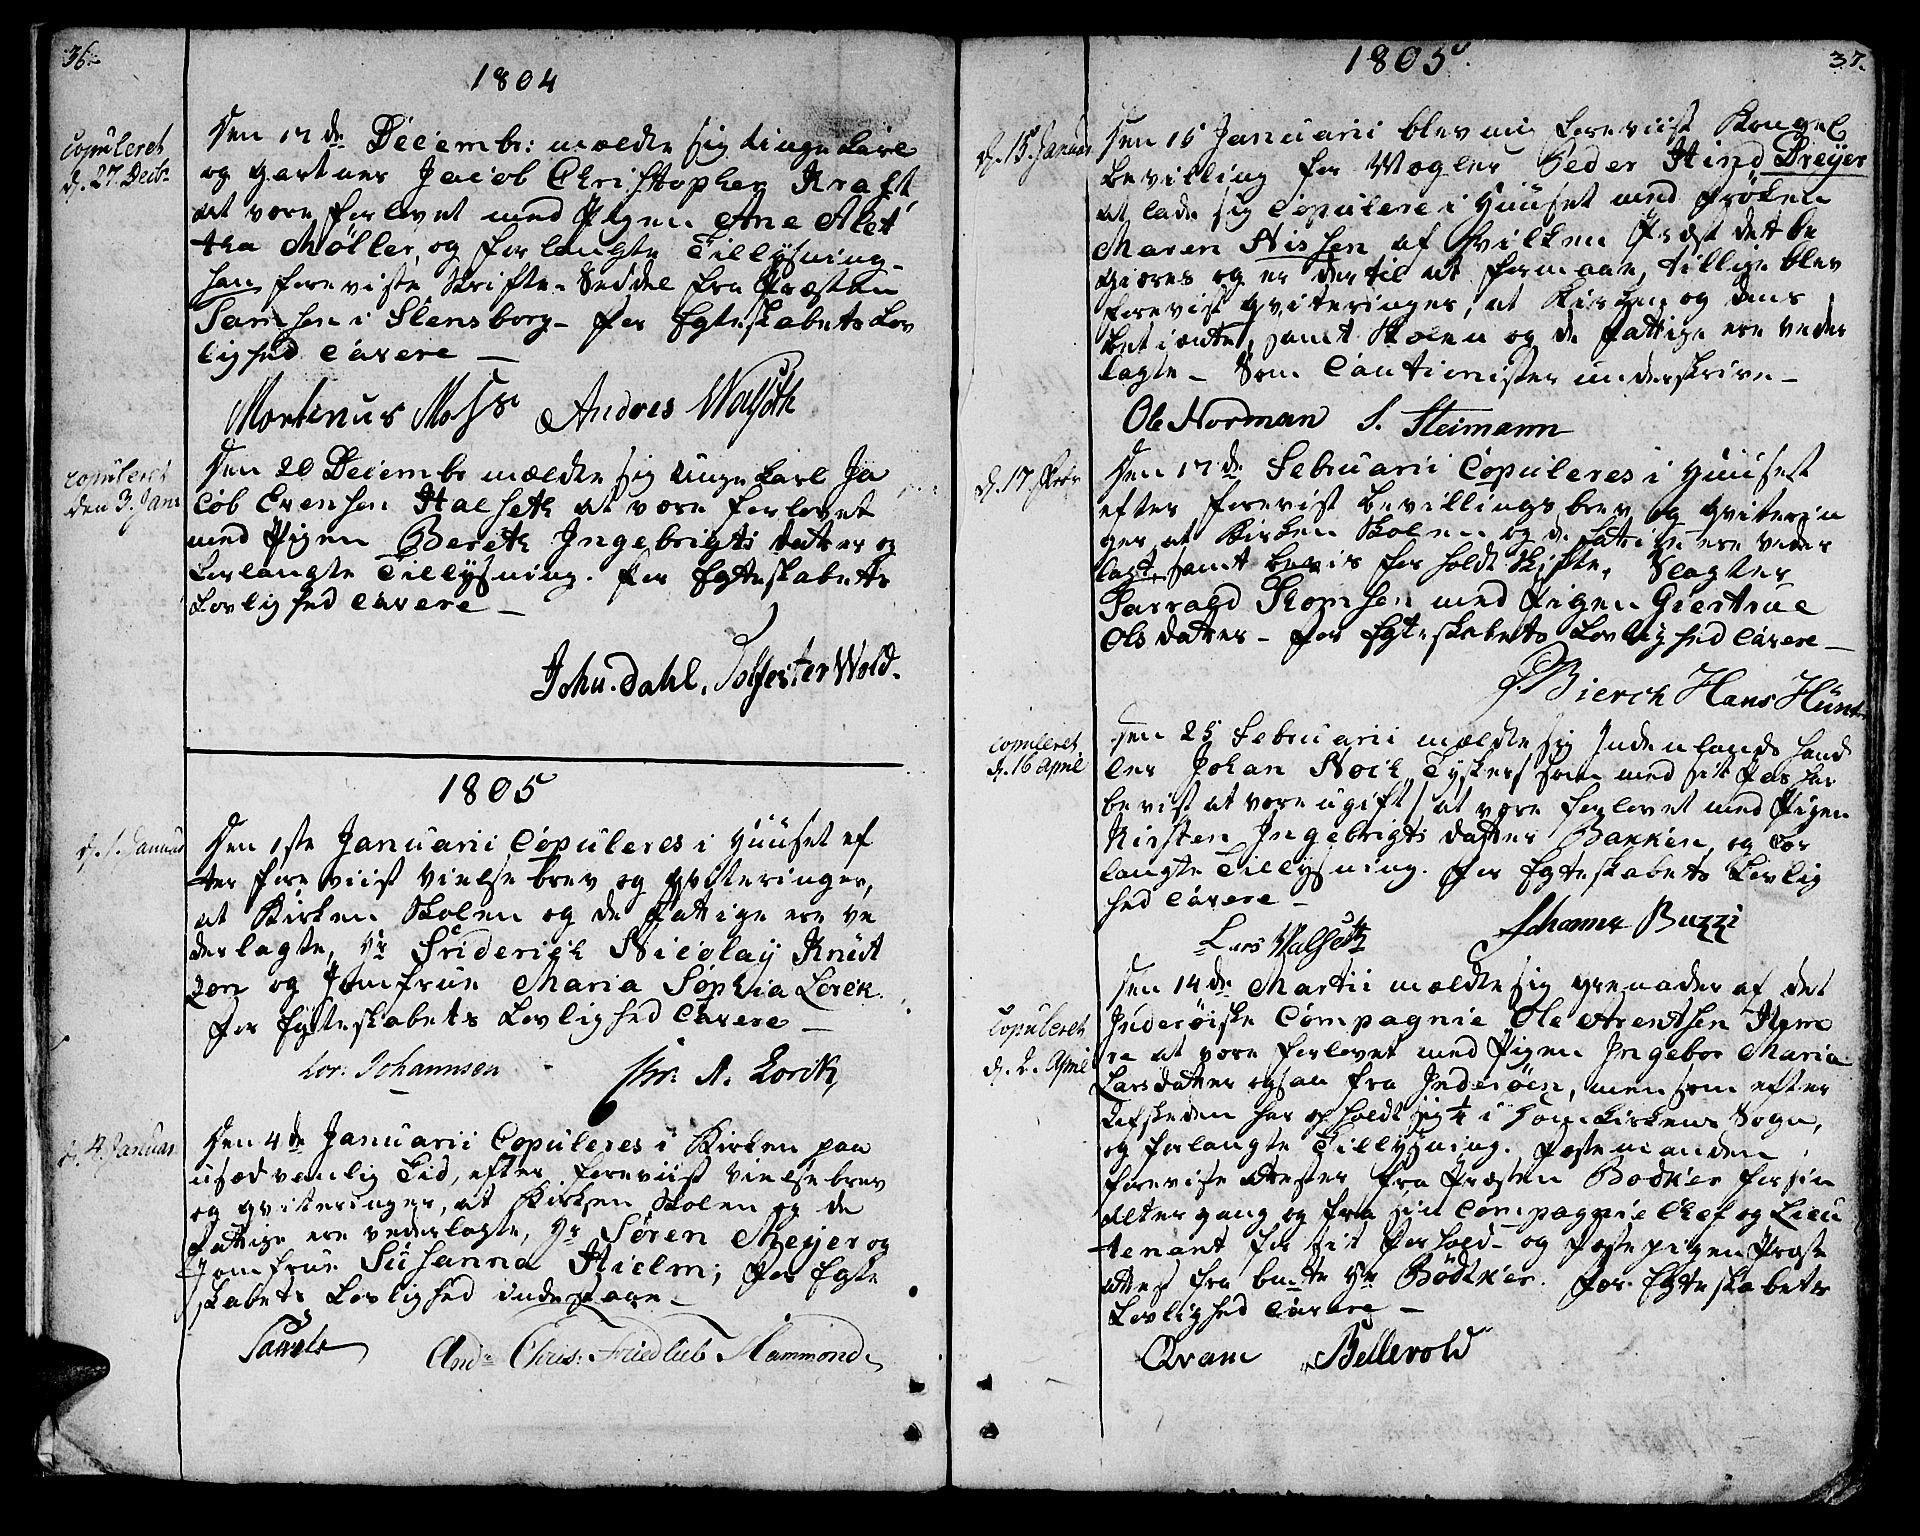 SAT, Ministerialprotokoller, klokkerbøker og fødselsregistre - Sør-Trøndelag, 601/L0042: Ministerialbok nr. 601A10, 1802-1830, s. 36-37